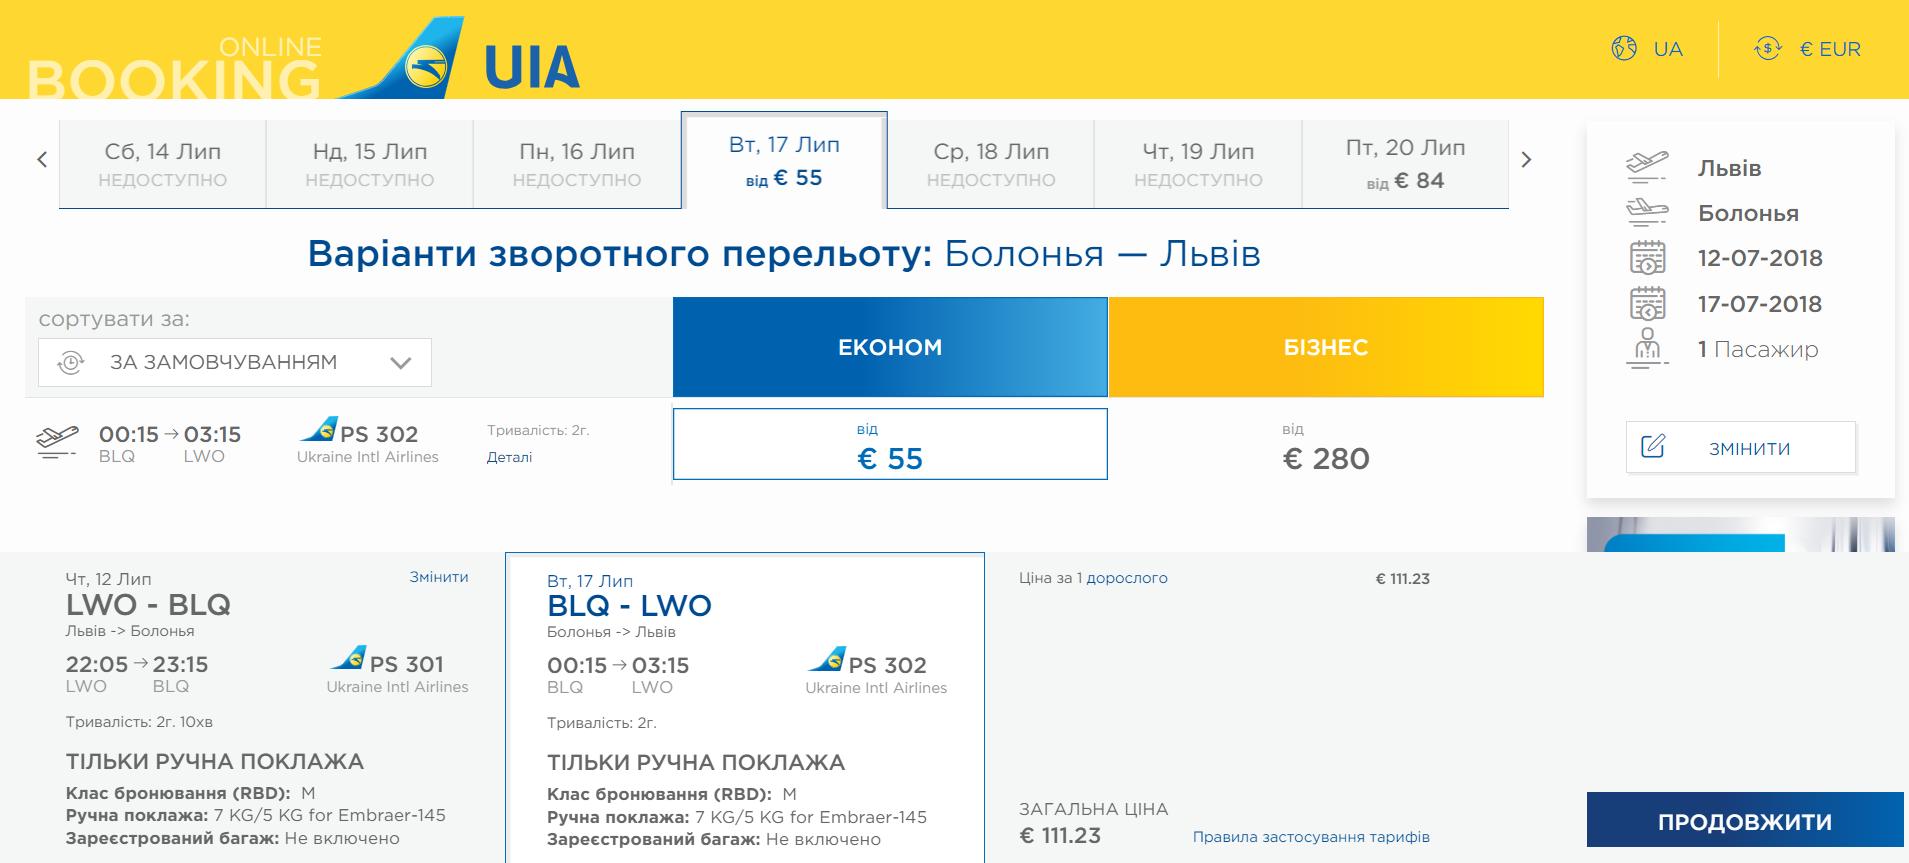 Авиабилеты Львов - Болонья от €110 в две стороны летом 2018 года и от €52 в 2019 году! -